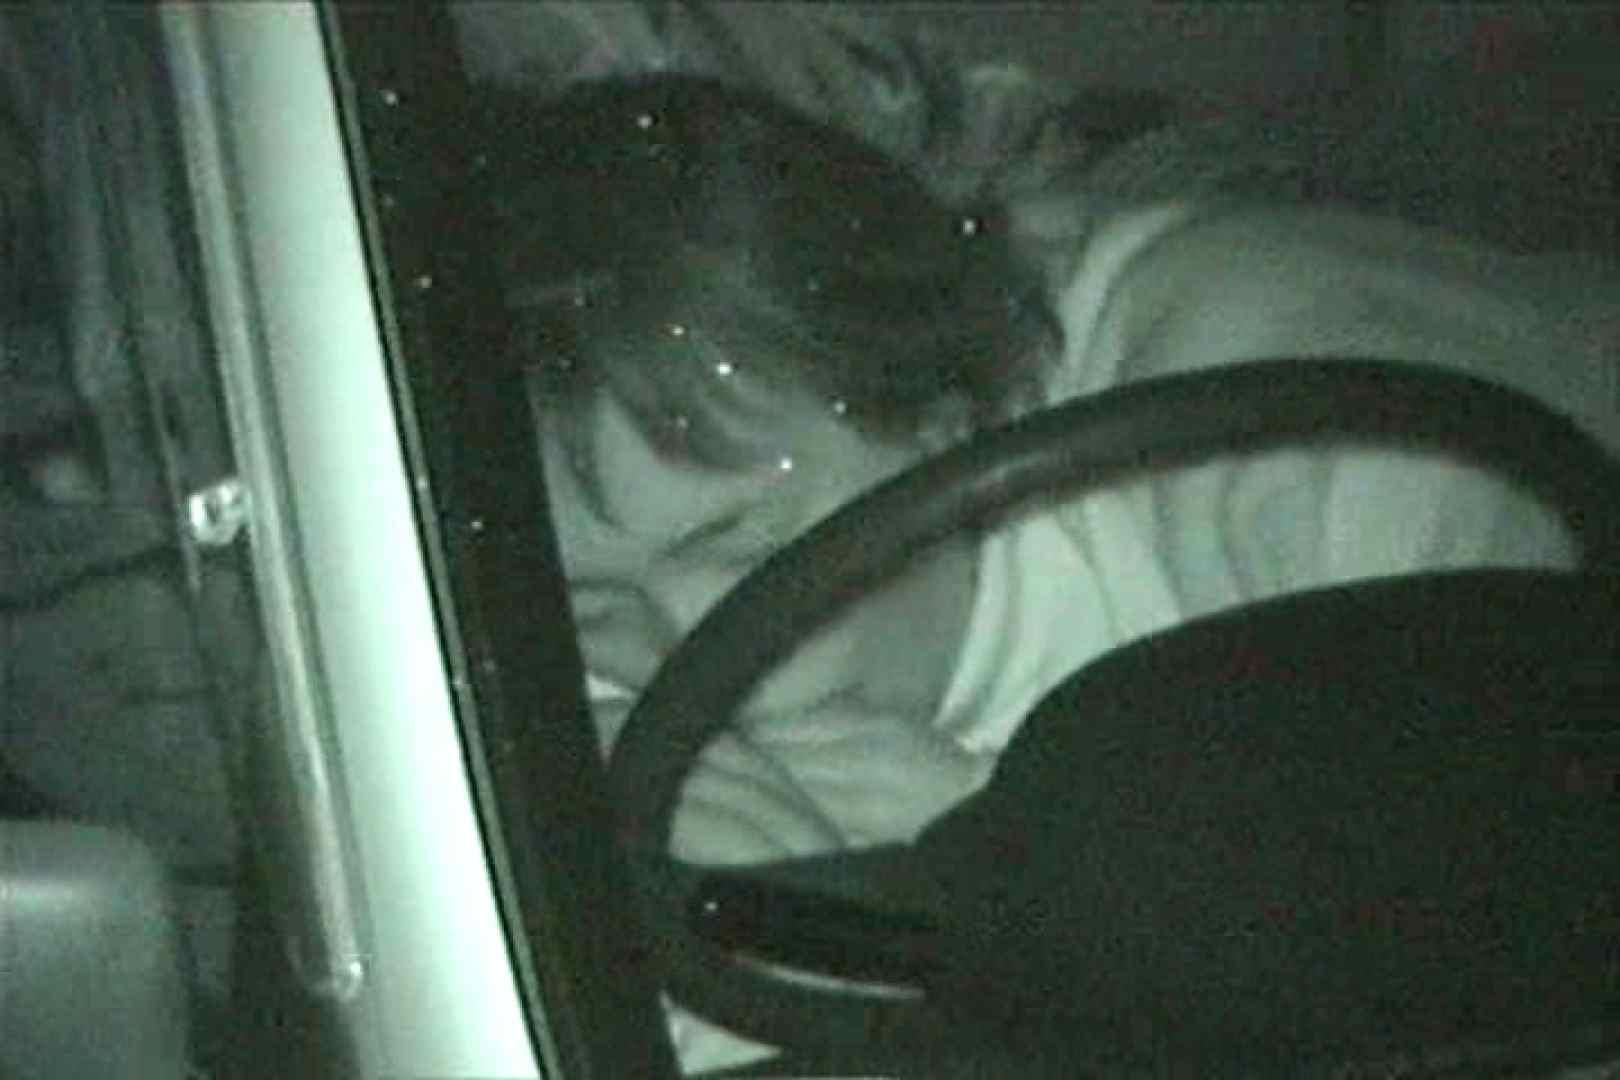 車の中はラブホテル 無修正版  Vol.27 ラブホテル エロ画像 58画像 47